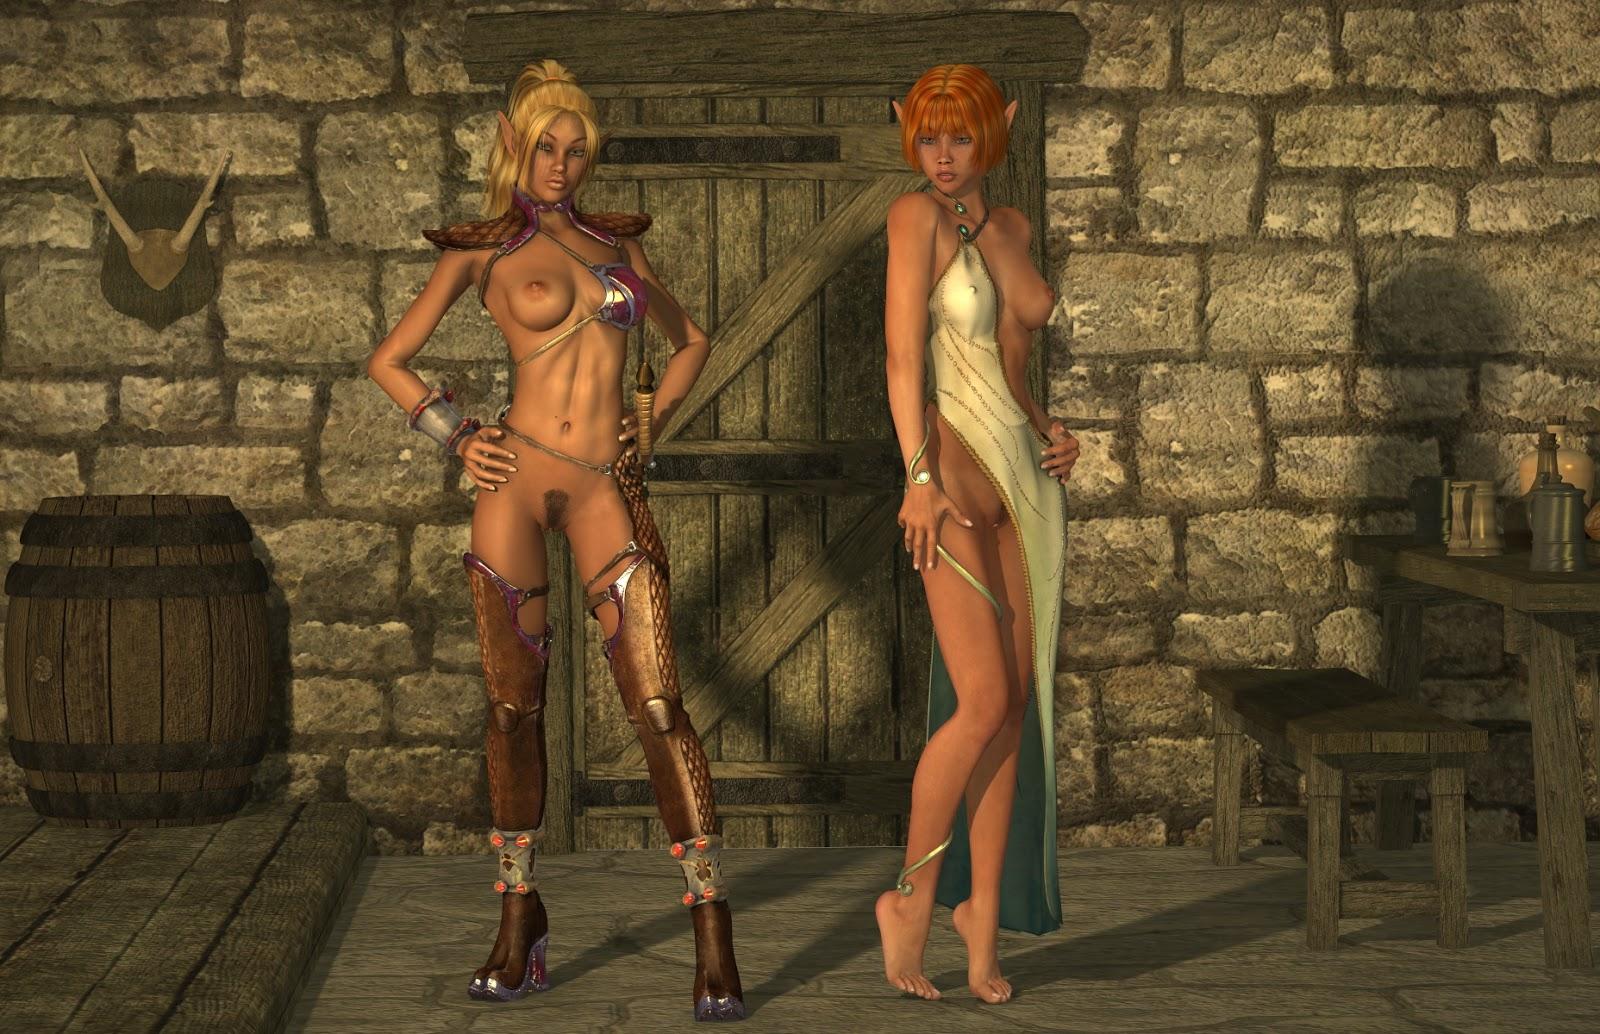 Эротические взрослые игры ролевые, Скачать ролевые (rpg) эротические и порно игры 2 фотография